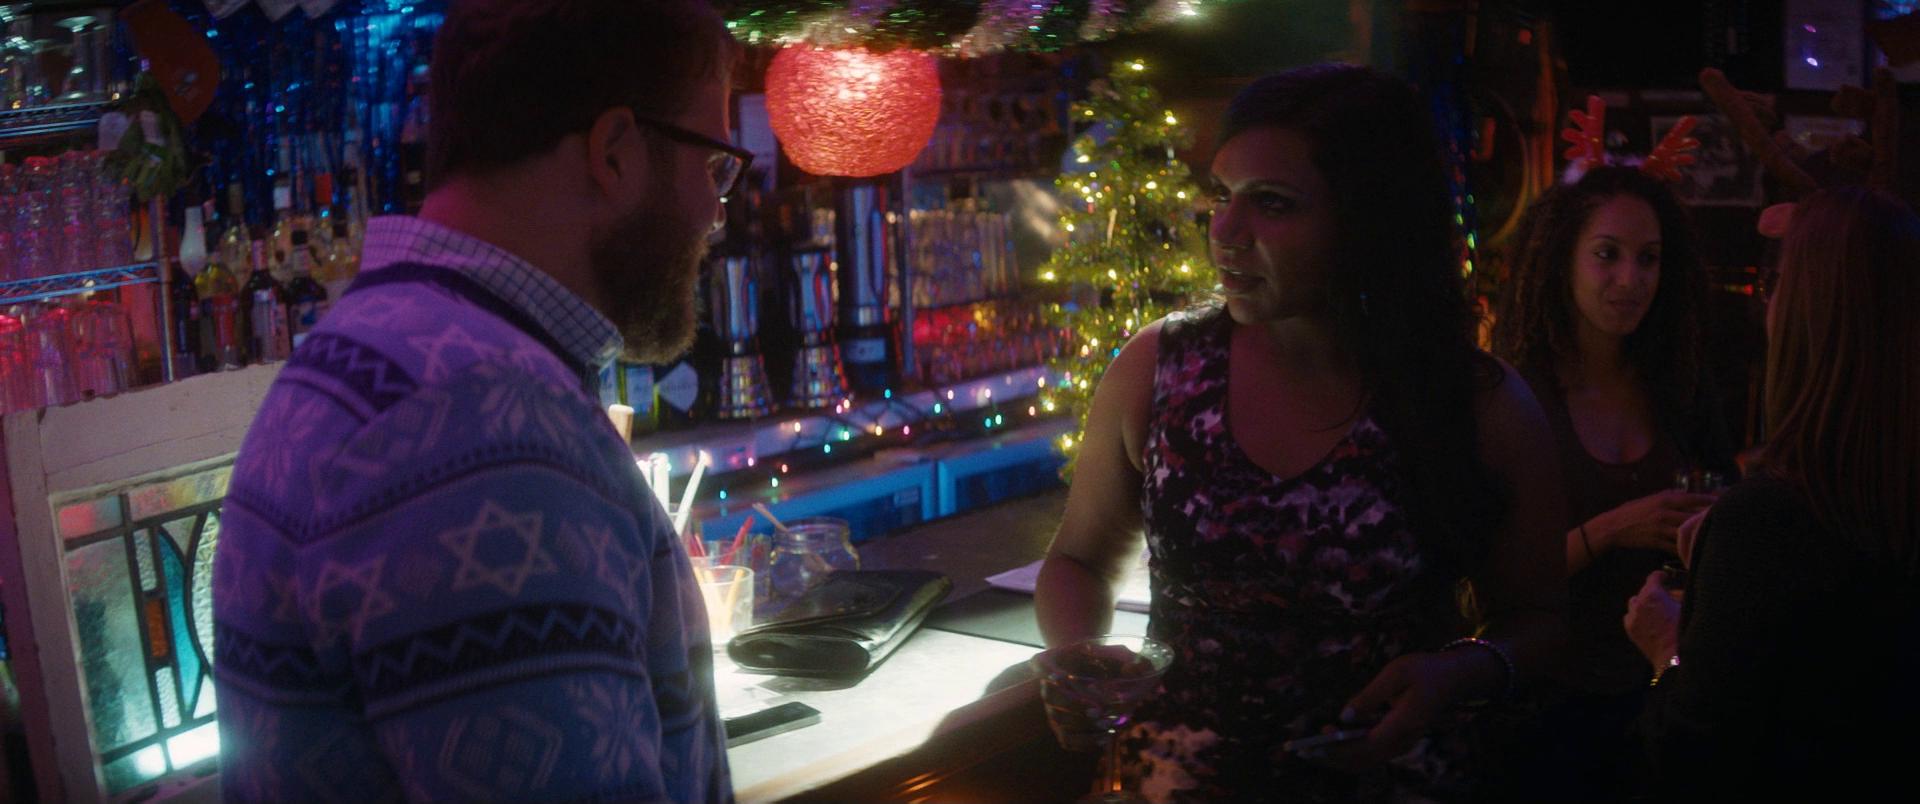 Рождество (2015) BDRip 1080p | Лицензия